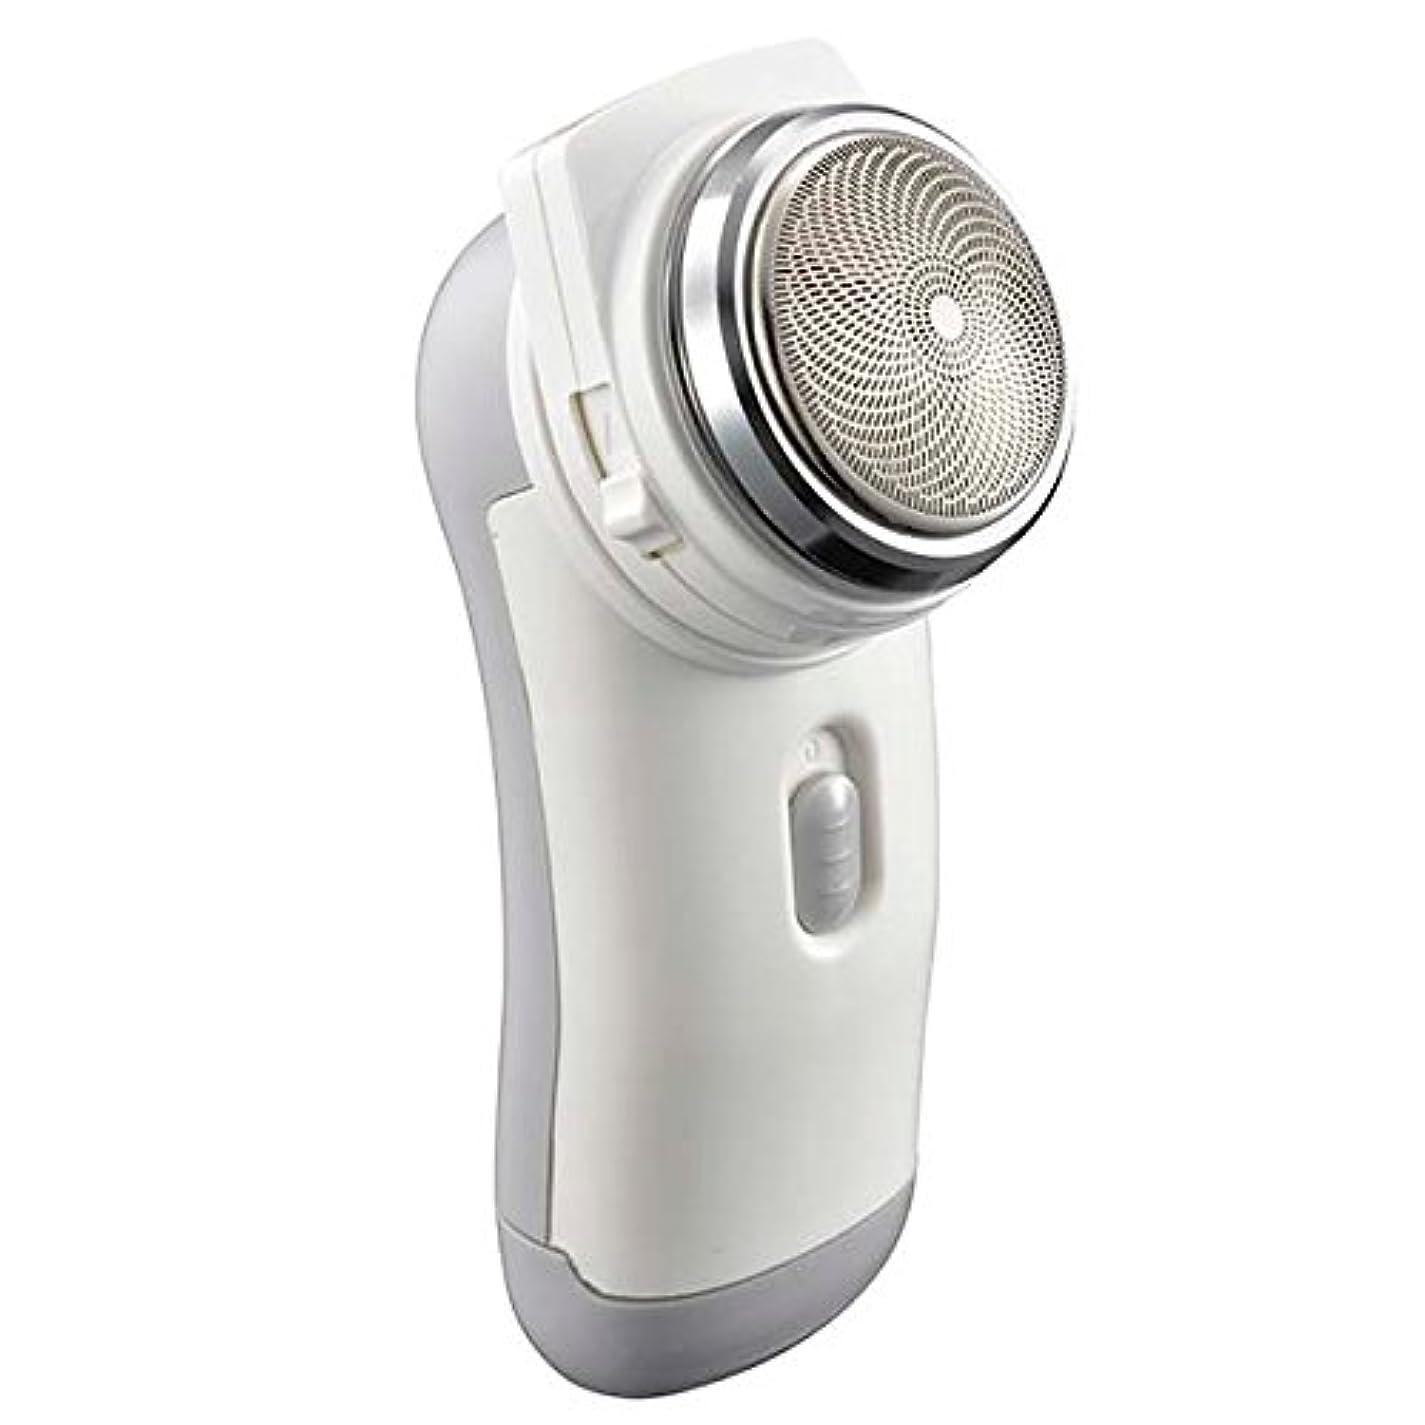 スロベニア助言ロマンスシェーバー メンズ ポケットシェーバー 携帯便利 静音回転式 もみあげ対応 電池式 キワゾリ刃付き 高性能シェーバー 髭剃り ひげそり 男性用 回転式ポケットシェーバー プレゼントにも最適